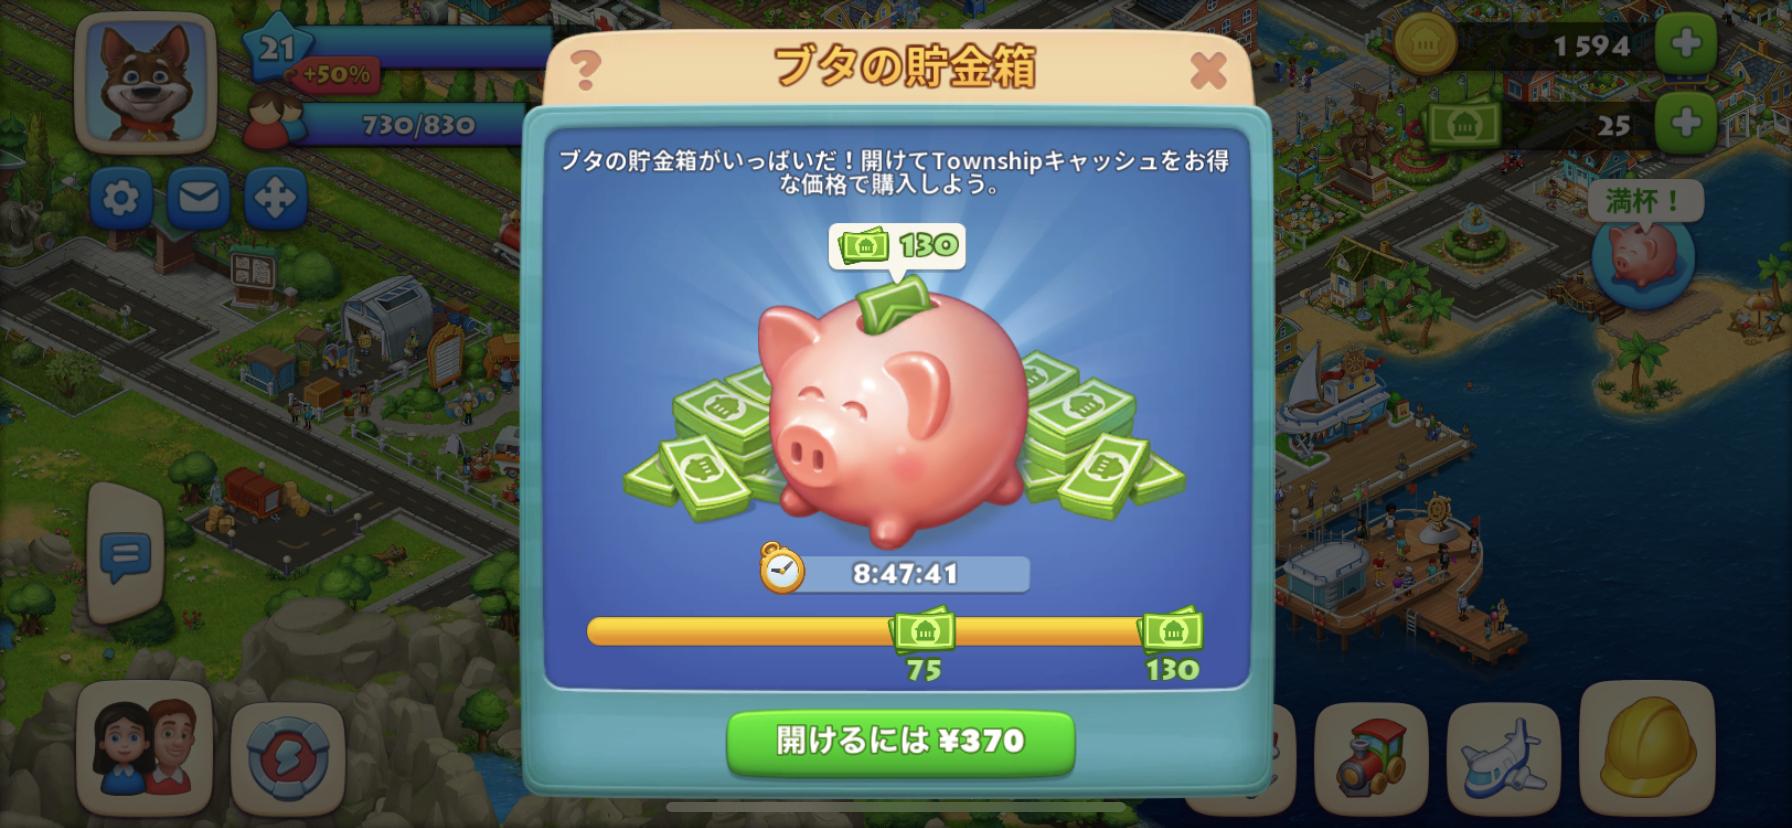 豚の貯金箱とは?